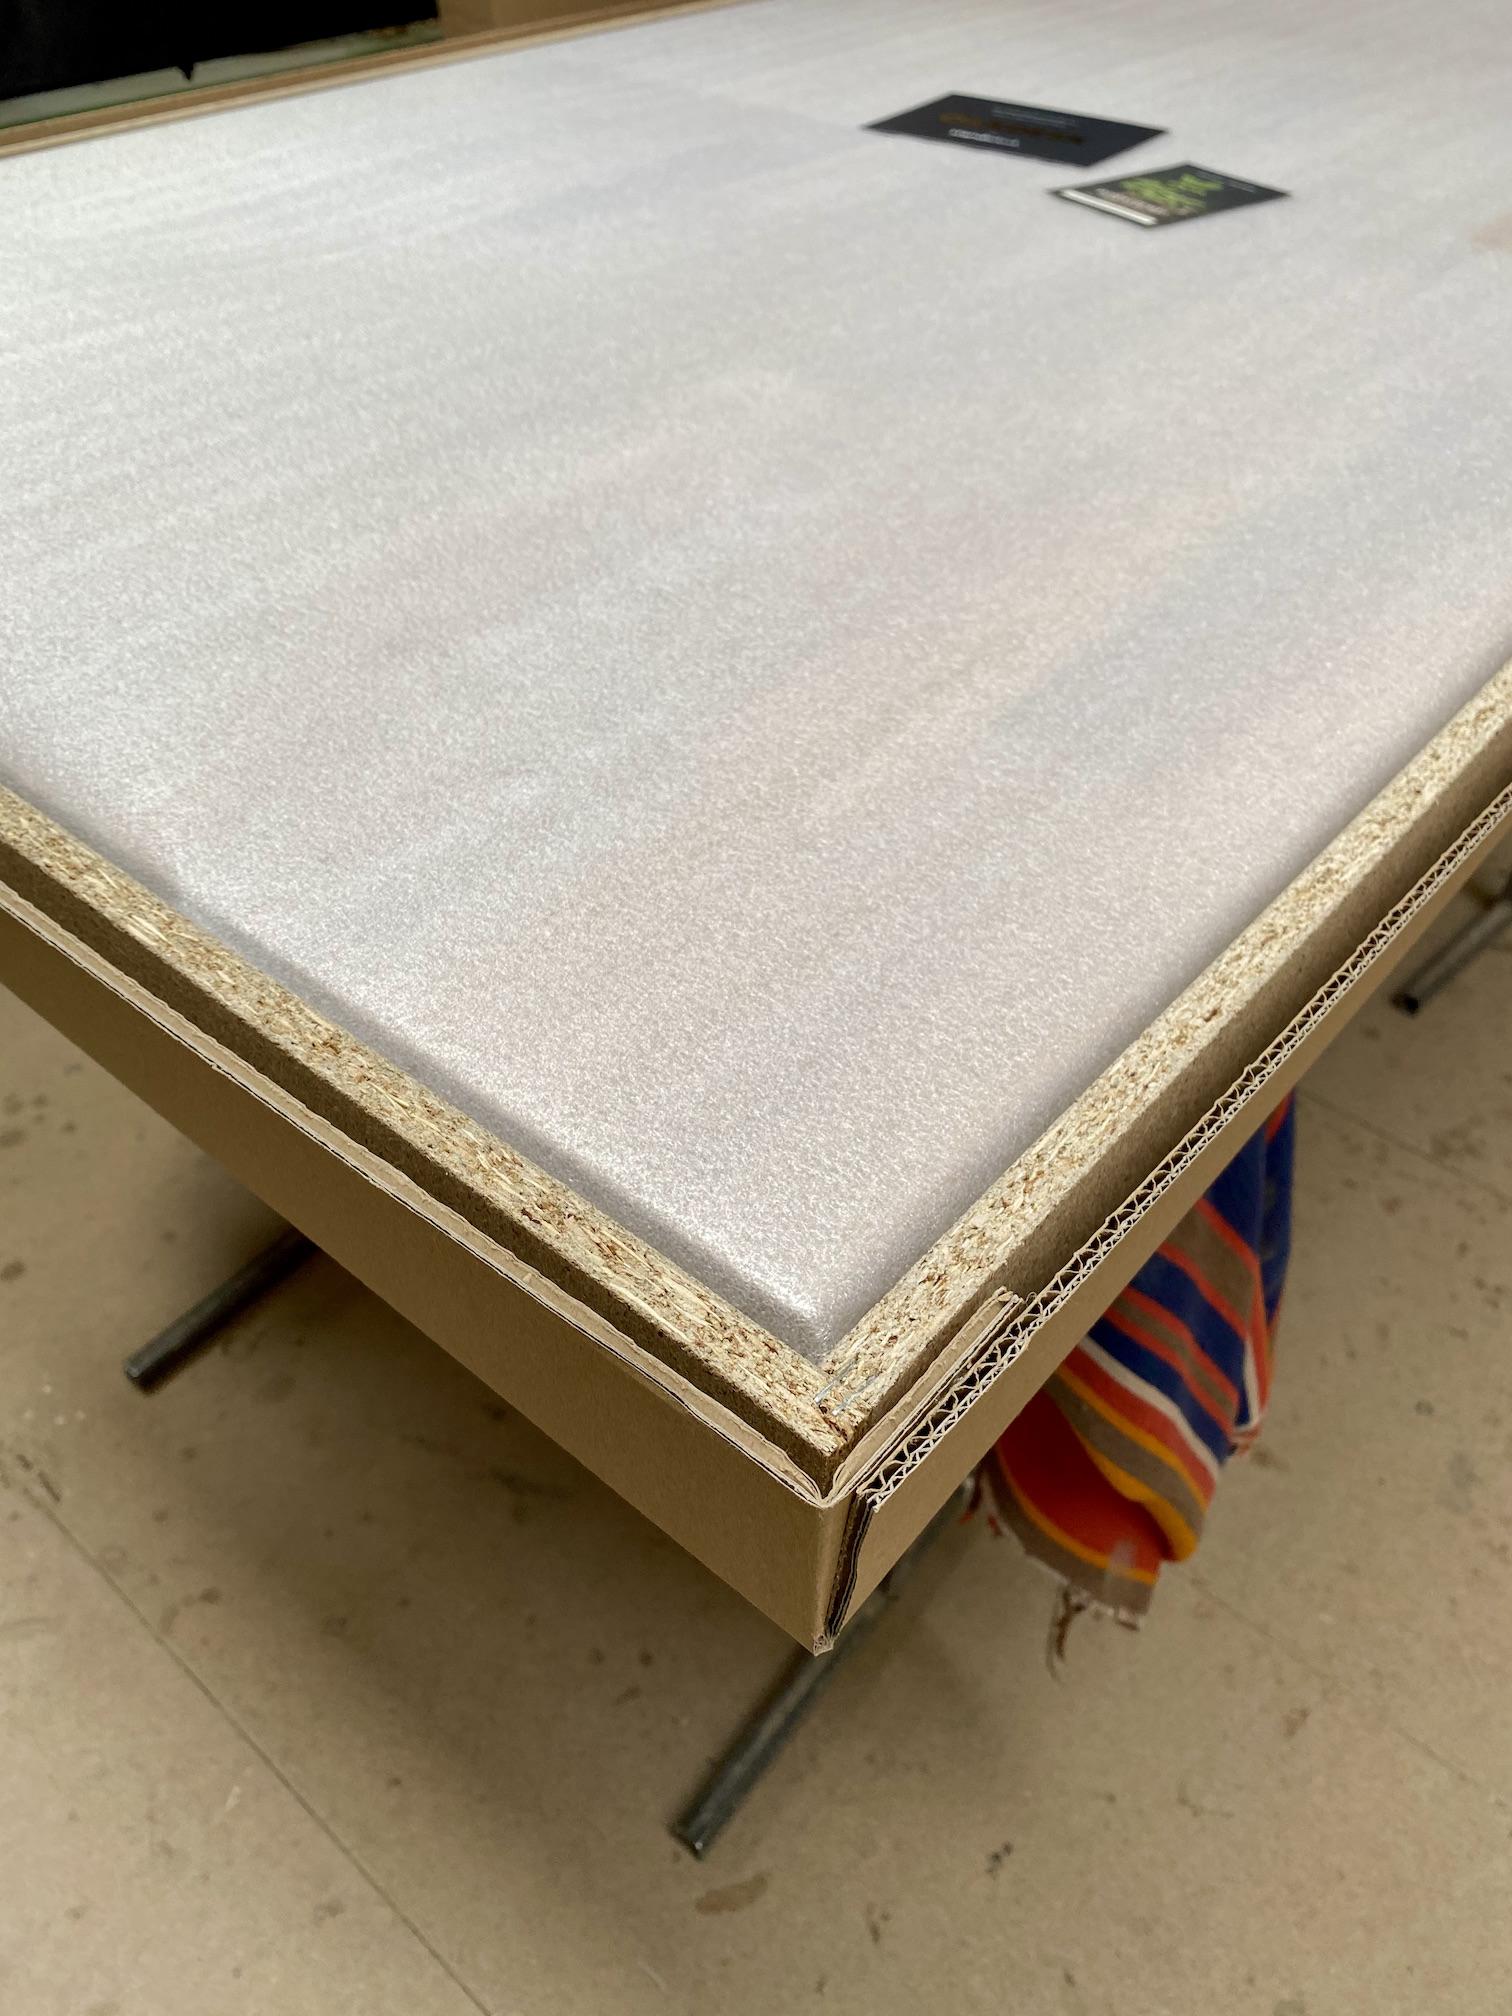 OAKDESK - biurko regulowane elektrycznie z blatem dąb naturalna krawędź premium 26